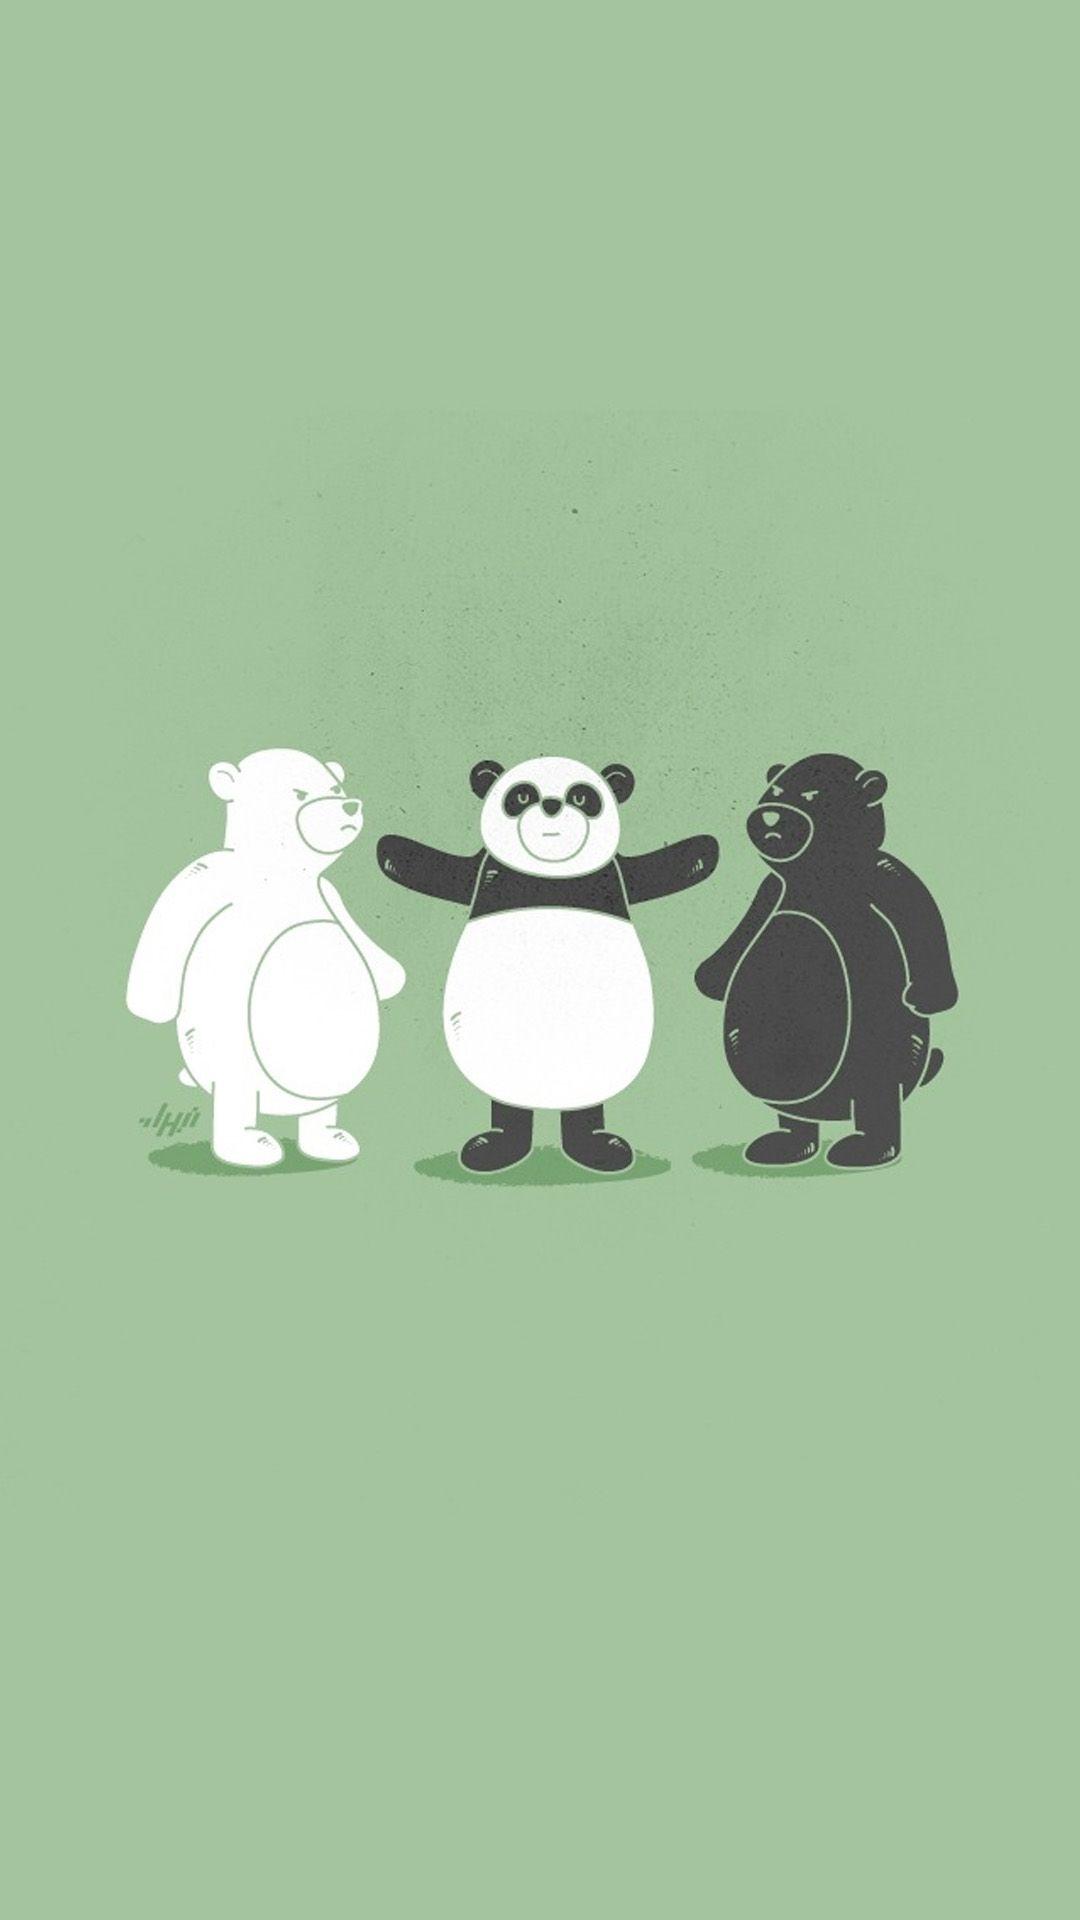 イラスト ペット | かわいい動物 | pinterest | 壁紙、イラスト、パンダ